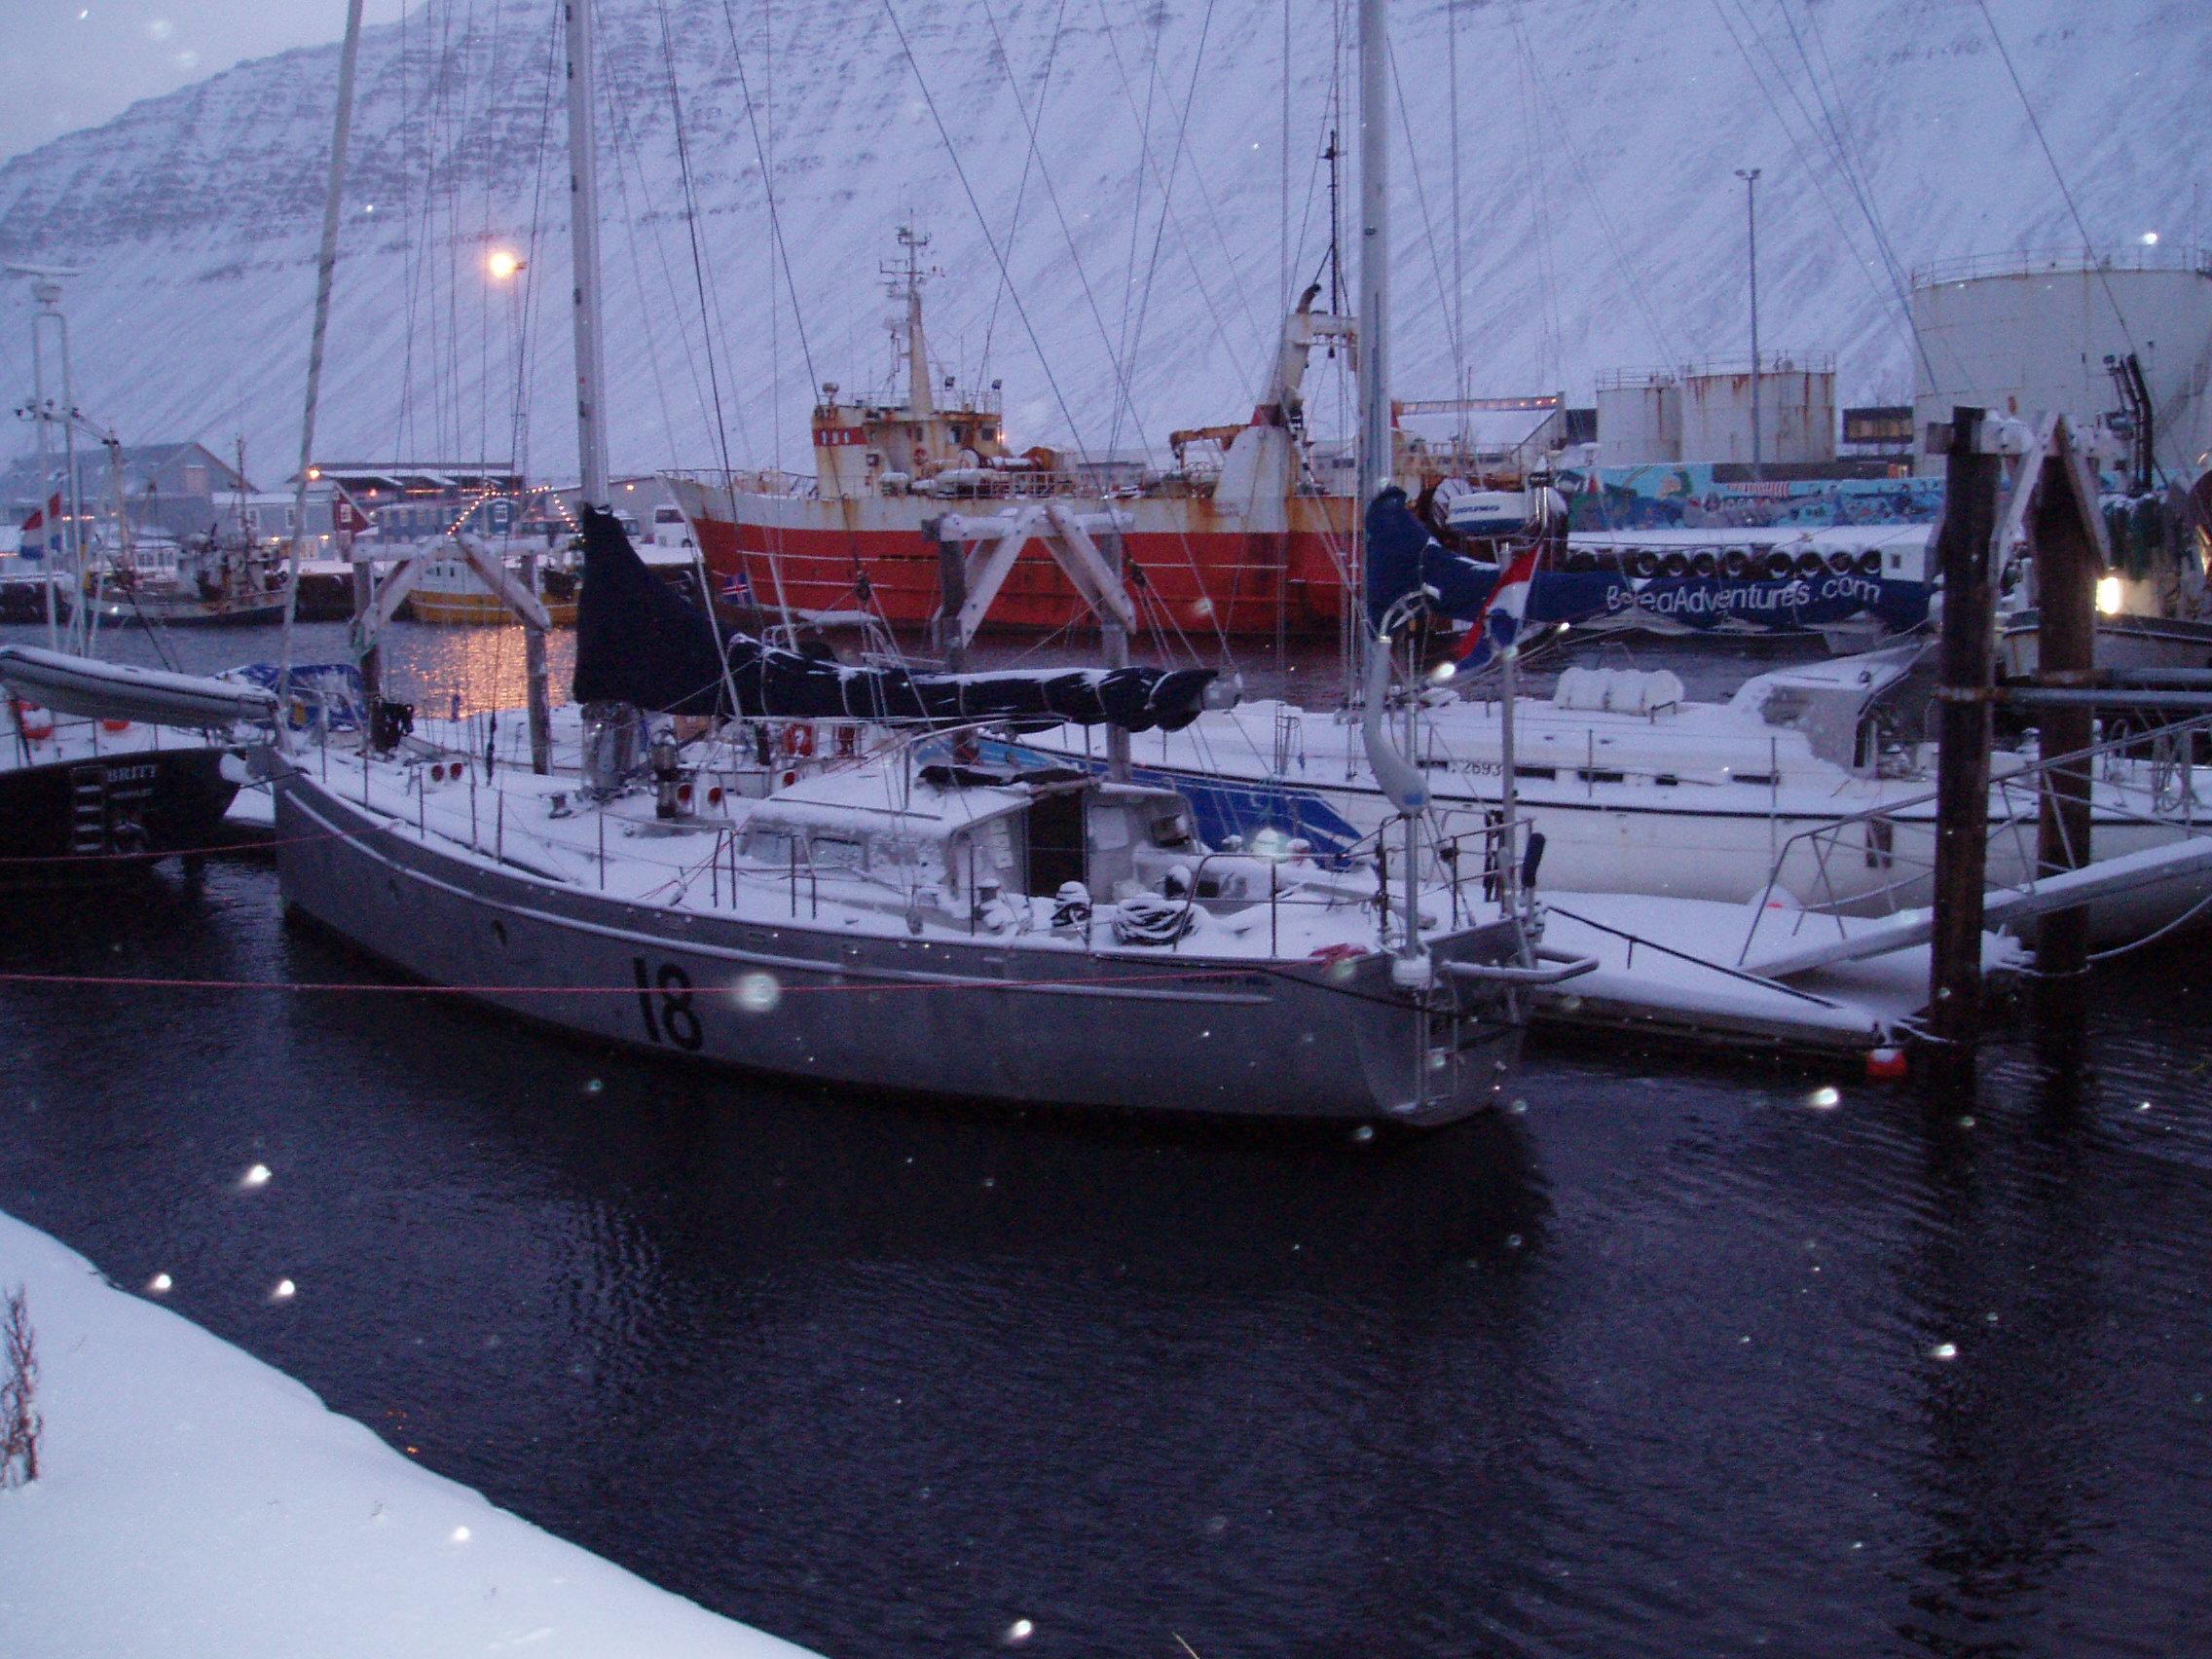 Bestevaer2 Isafjordur 2011.JPG